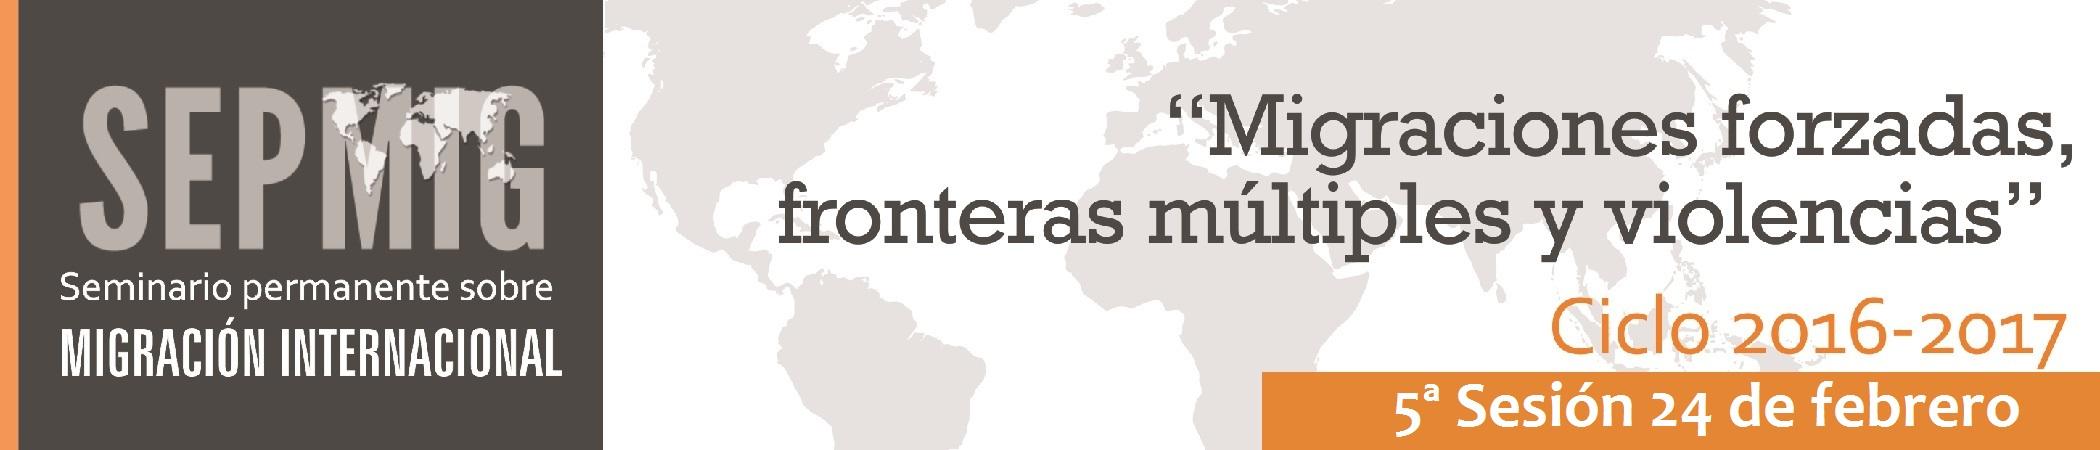 Seminario permanente sobre migración internacional